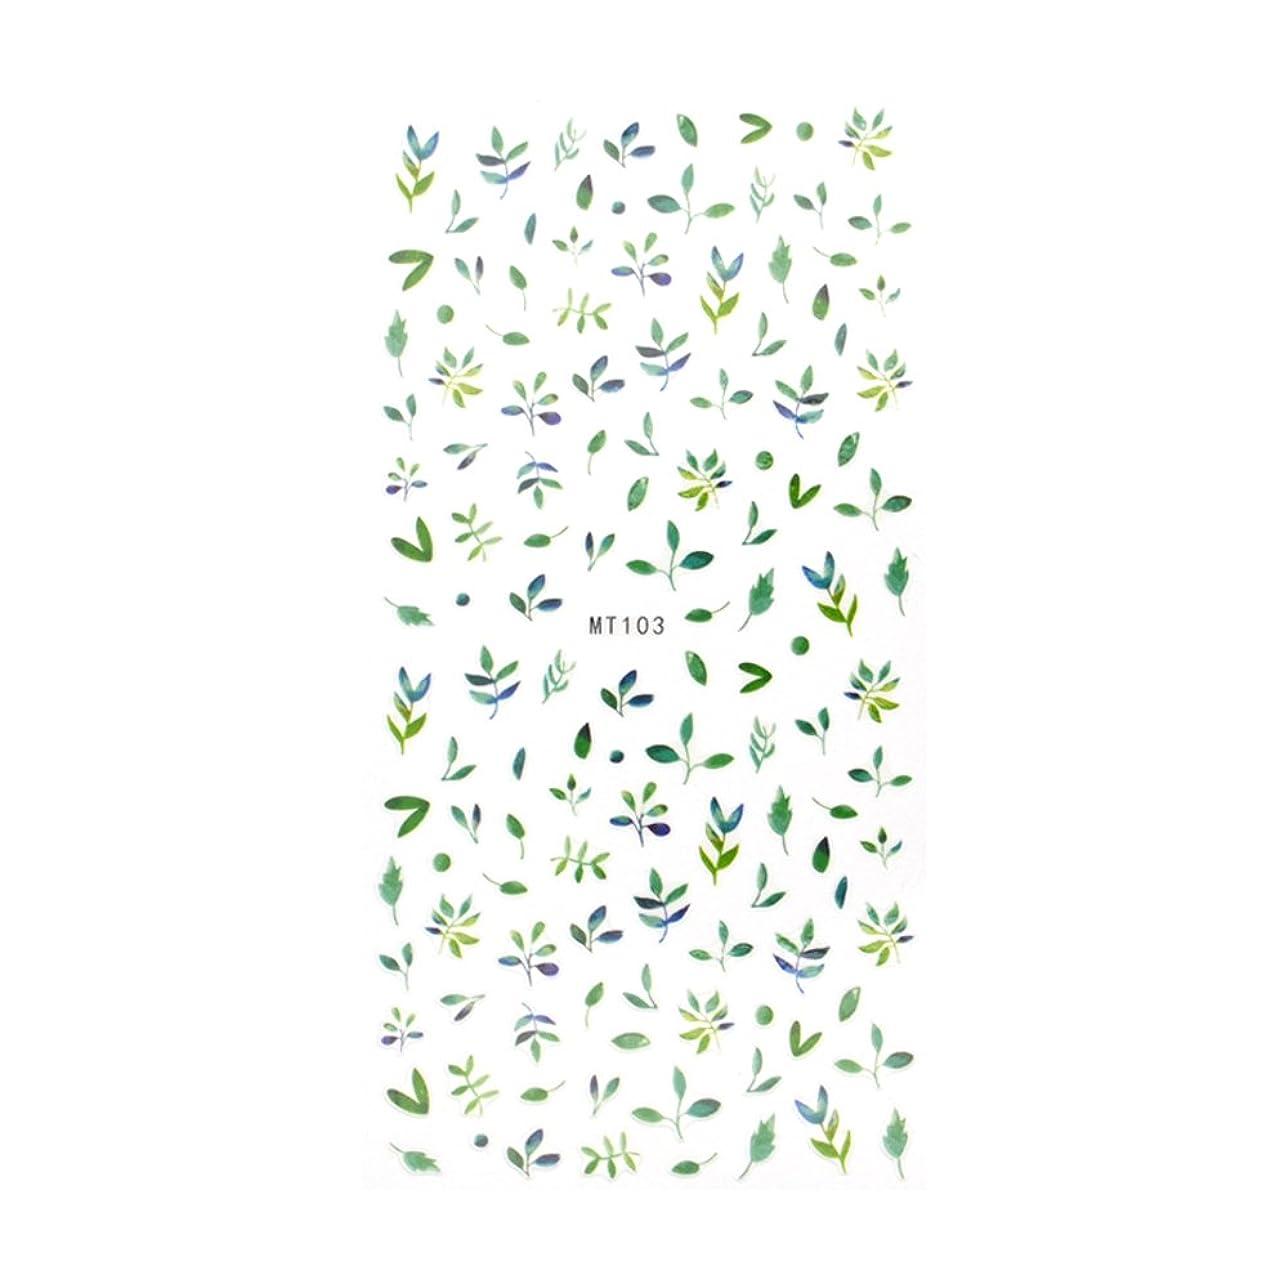 大いにわざわざラグ【MT103】グリーンリーフネイルシール リーフ 葉 ジェルネイル シール 緑 植物 ボタニカル